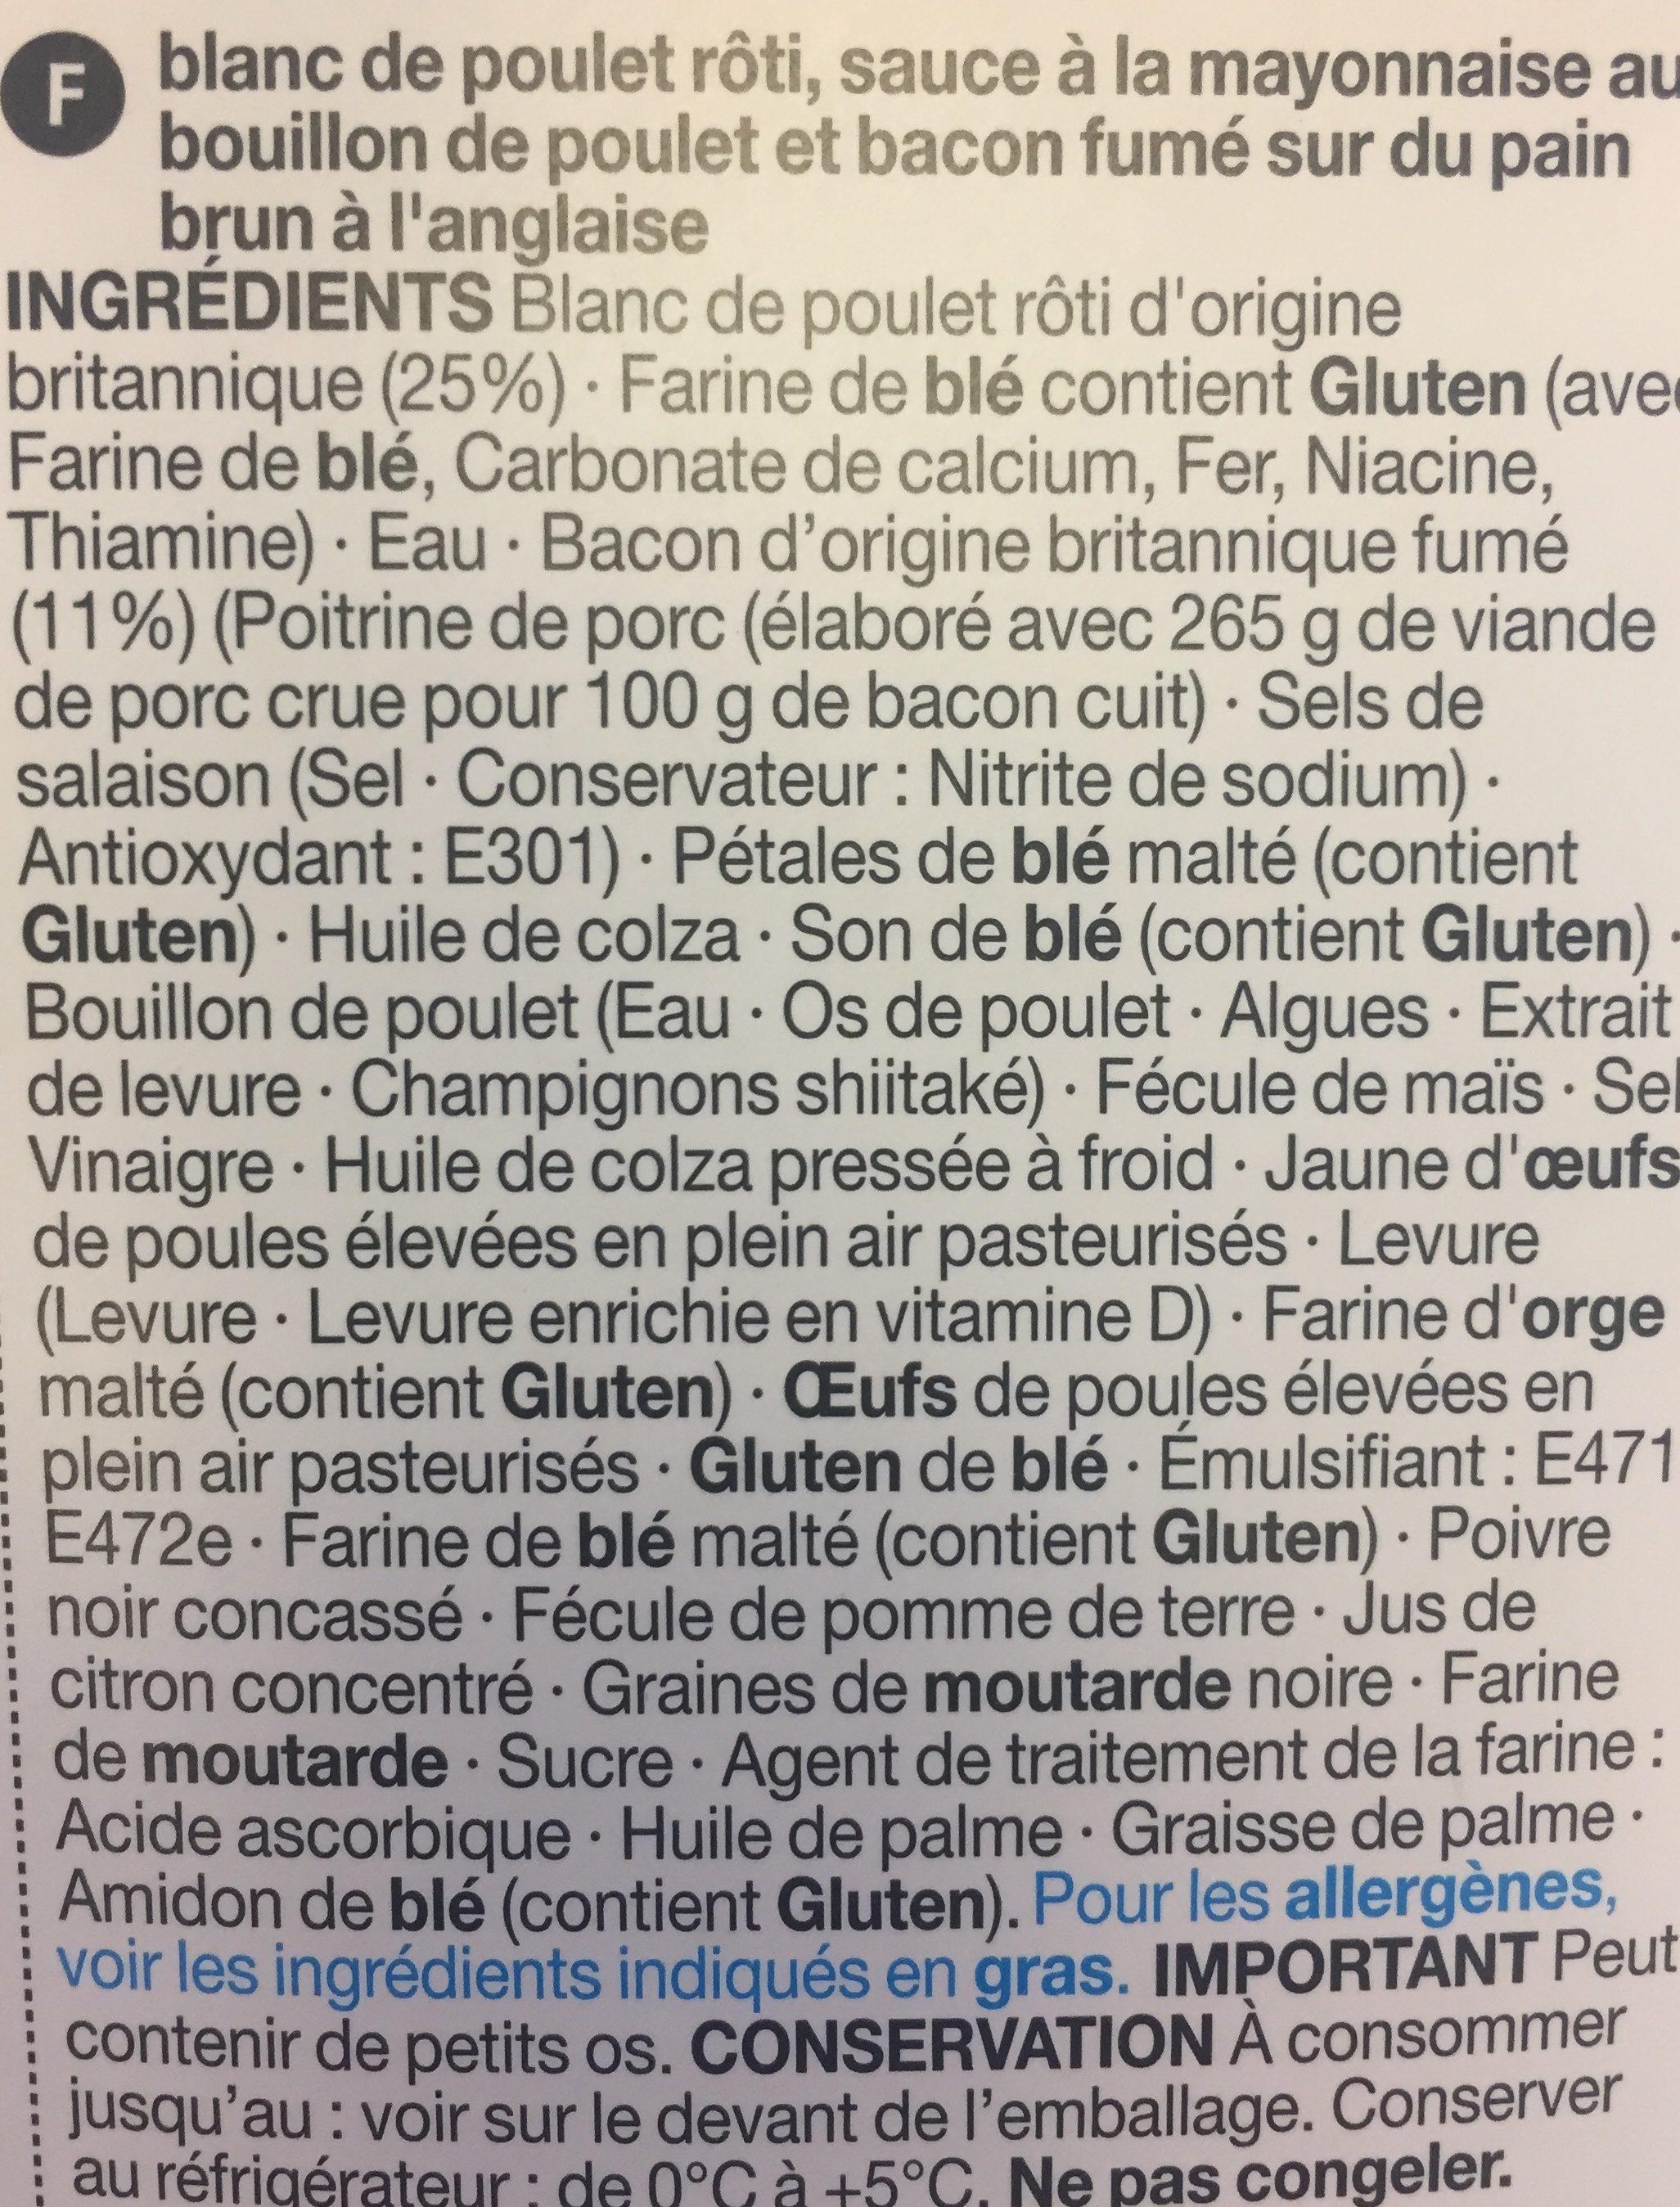 Sandwich Poulet Rôti & Bacon sur du Pain Spécial - Ingredients